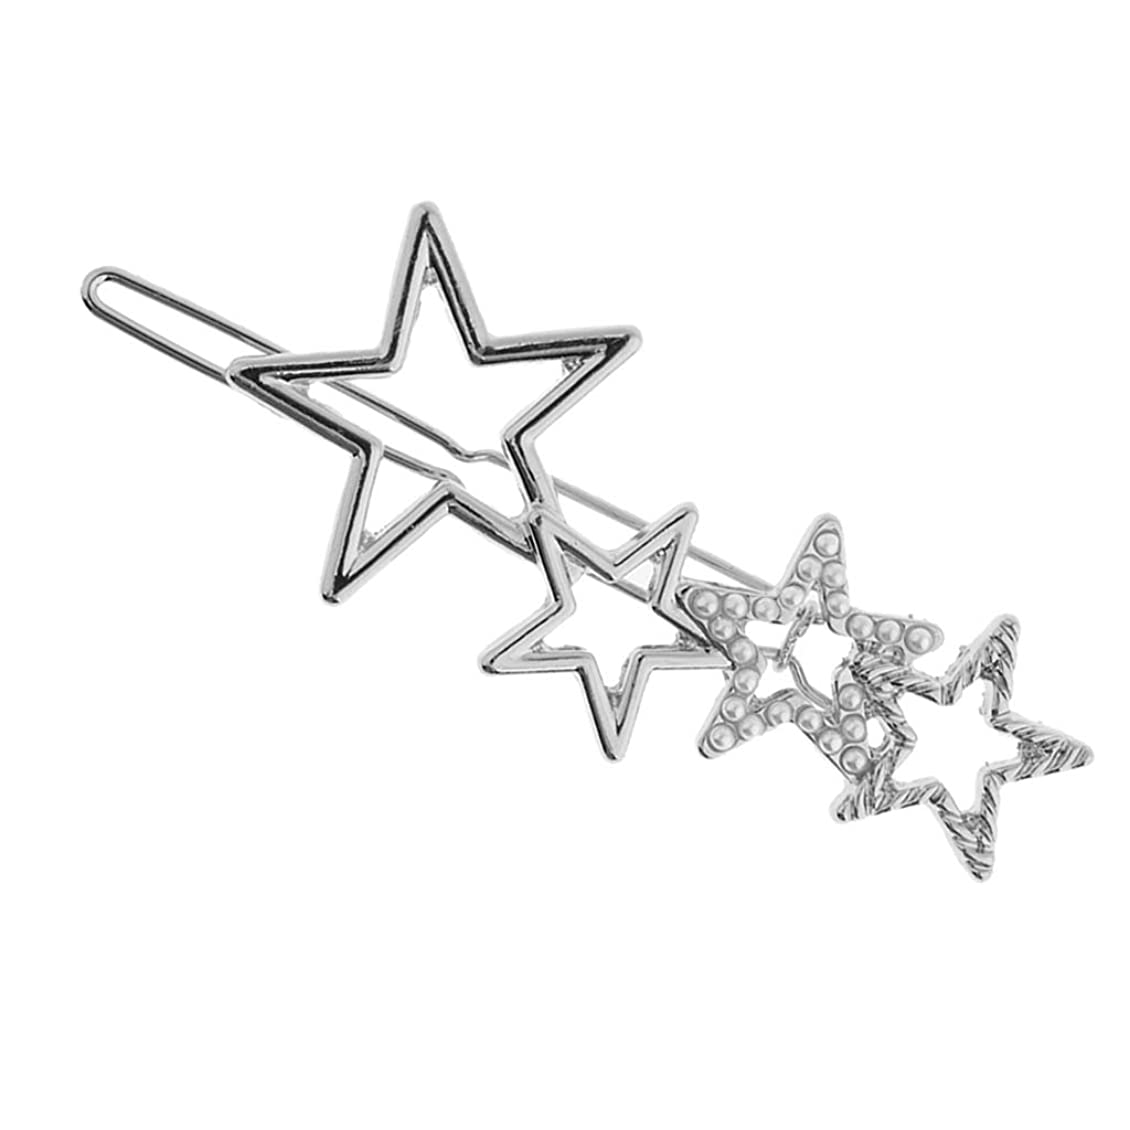 博覧会半球同意FLAMEER ヘアクリップ バレッタ スターデザイン 女の子 人工真珠 パーティー ヘアアクセサリー 全2色 - 銀